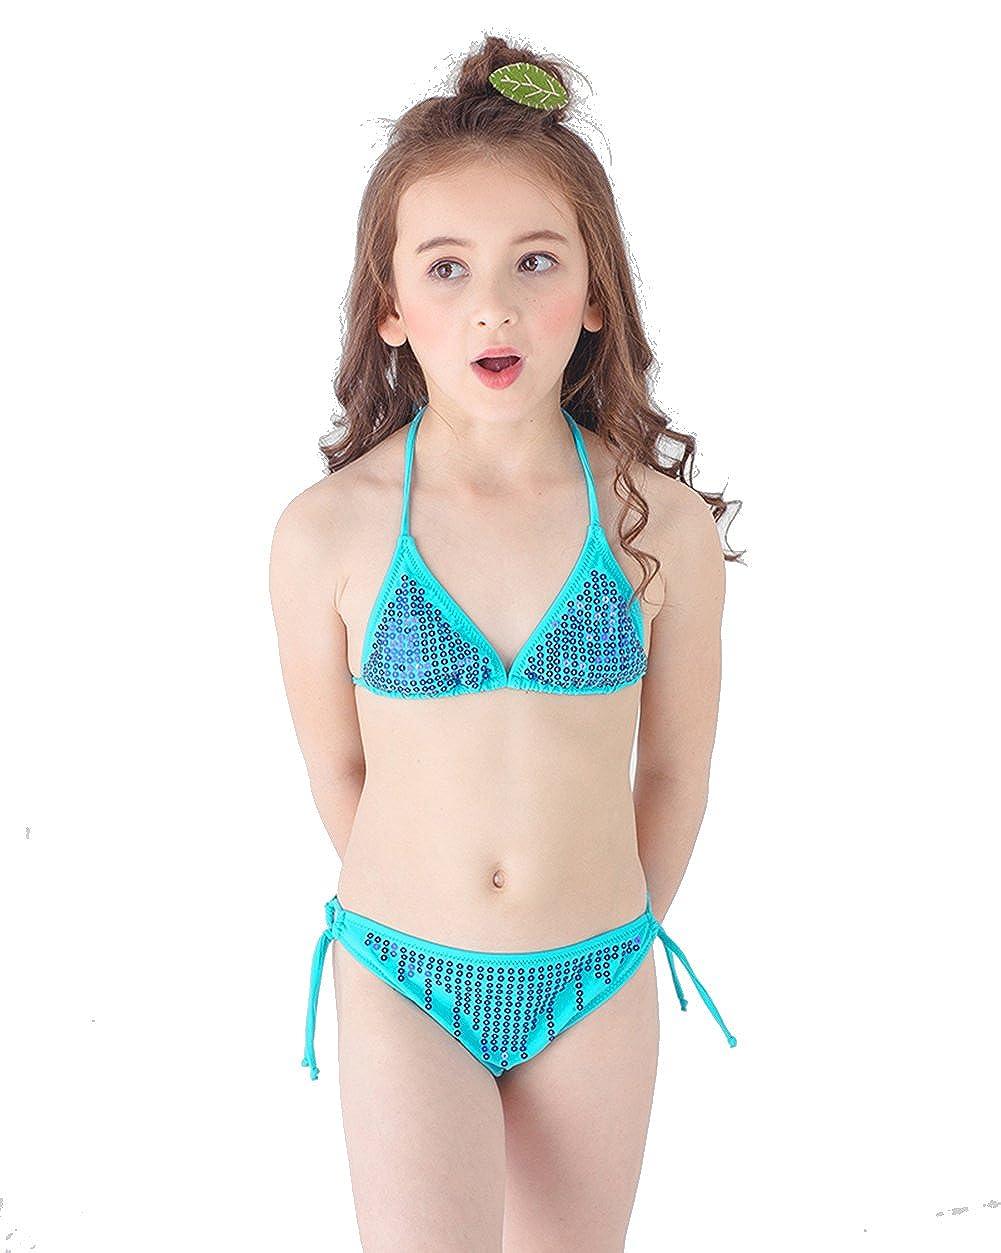 a9fa7f4fb23fe Incipher kids bathing suit for little girls swimwear two piece girl jpg  1001x1253 Swimsuit model girls